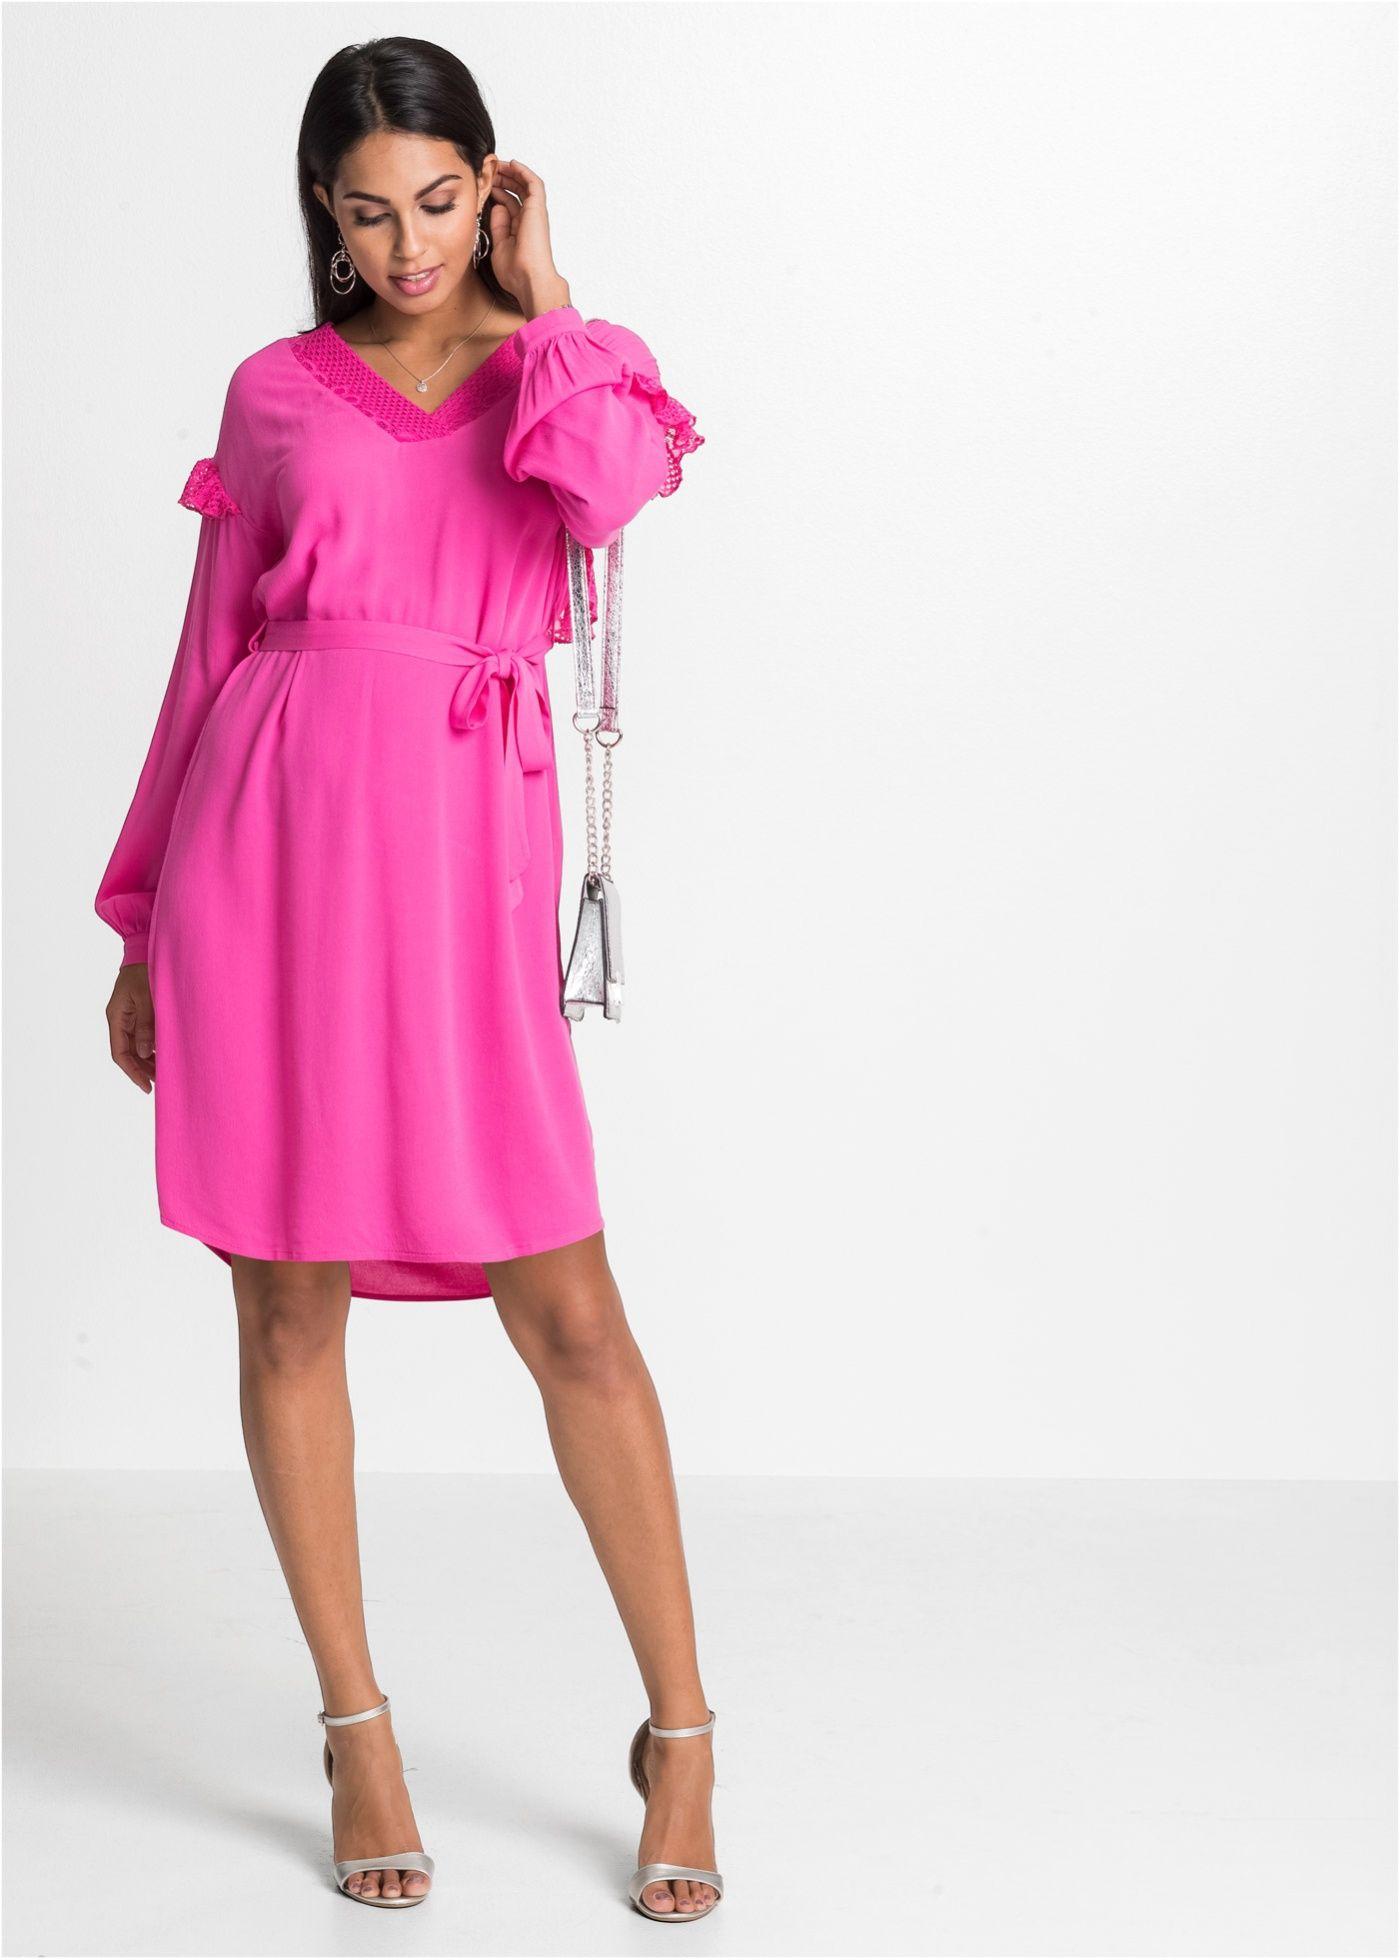 Modische Kleid mit schönen Spitzen-Einsätzen und einem Bindeband